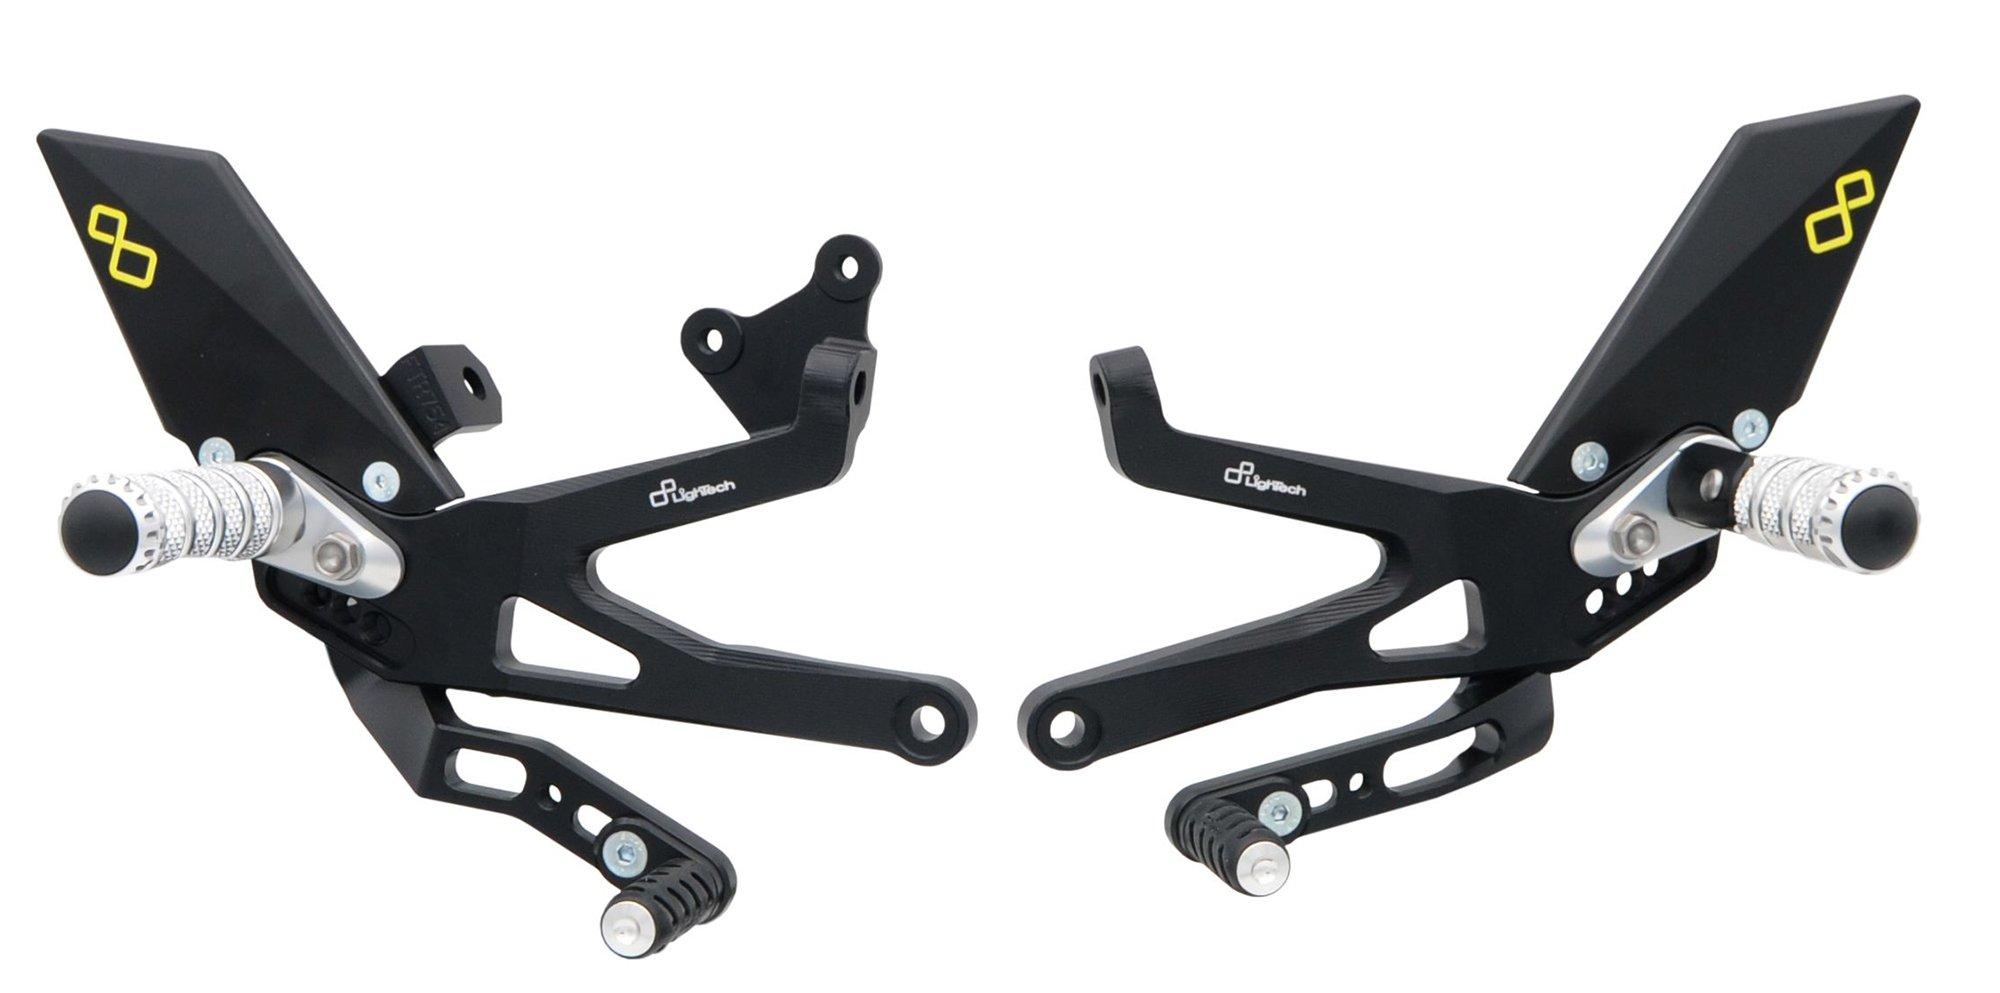 Комплект регулируемых подножек Lightech для Ducati Panigale V4/R/S 18-20